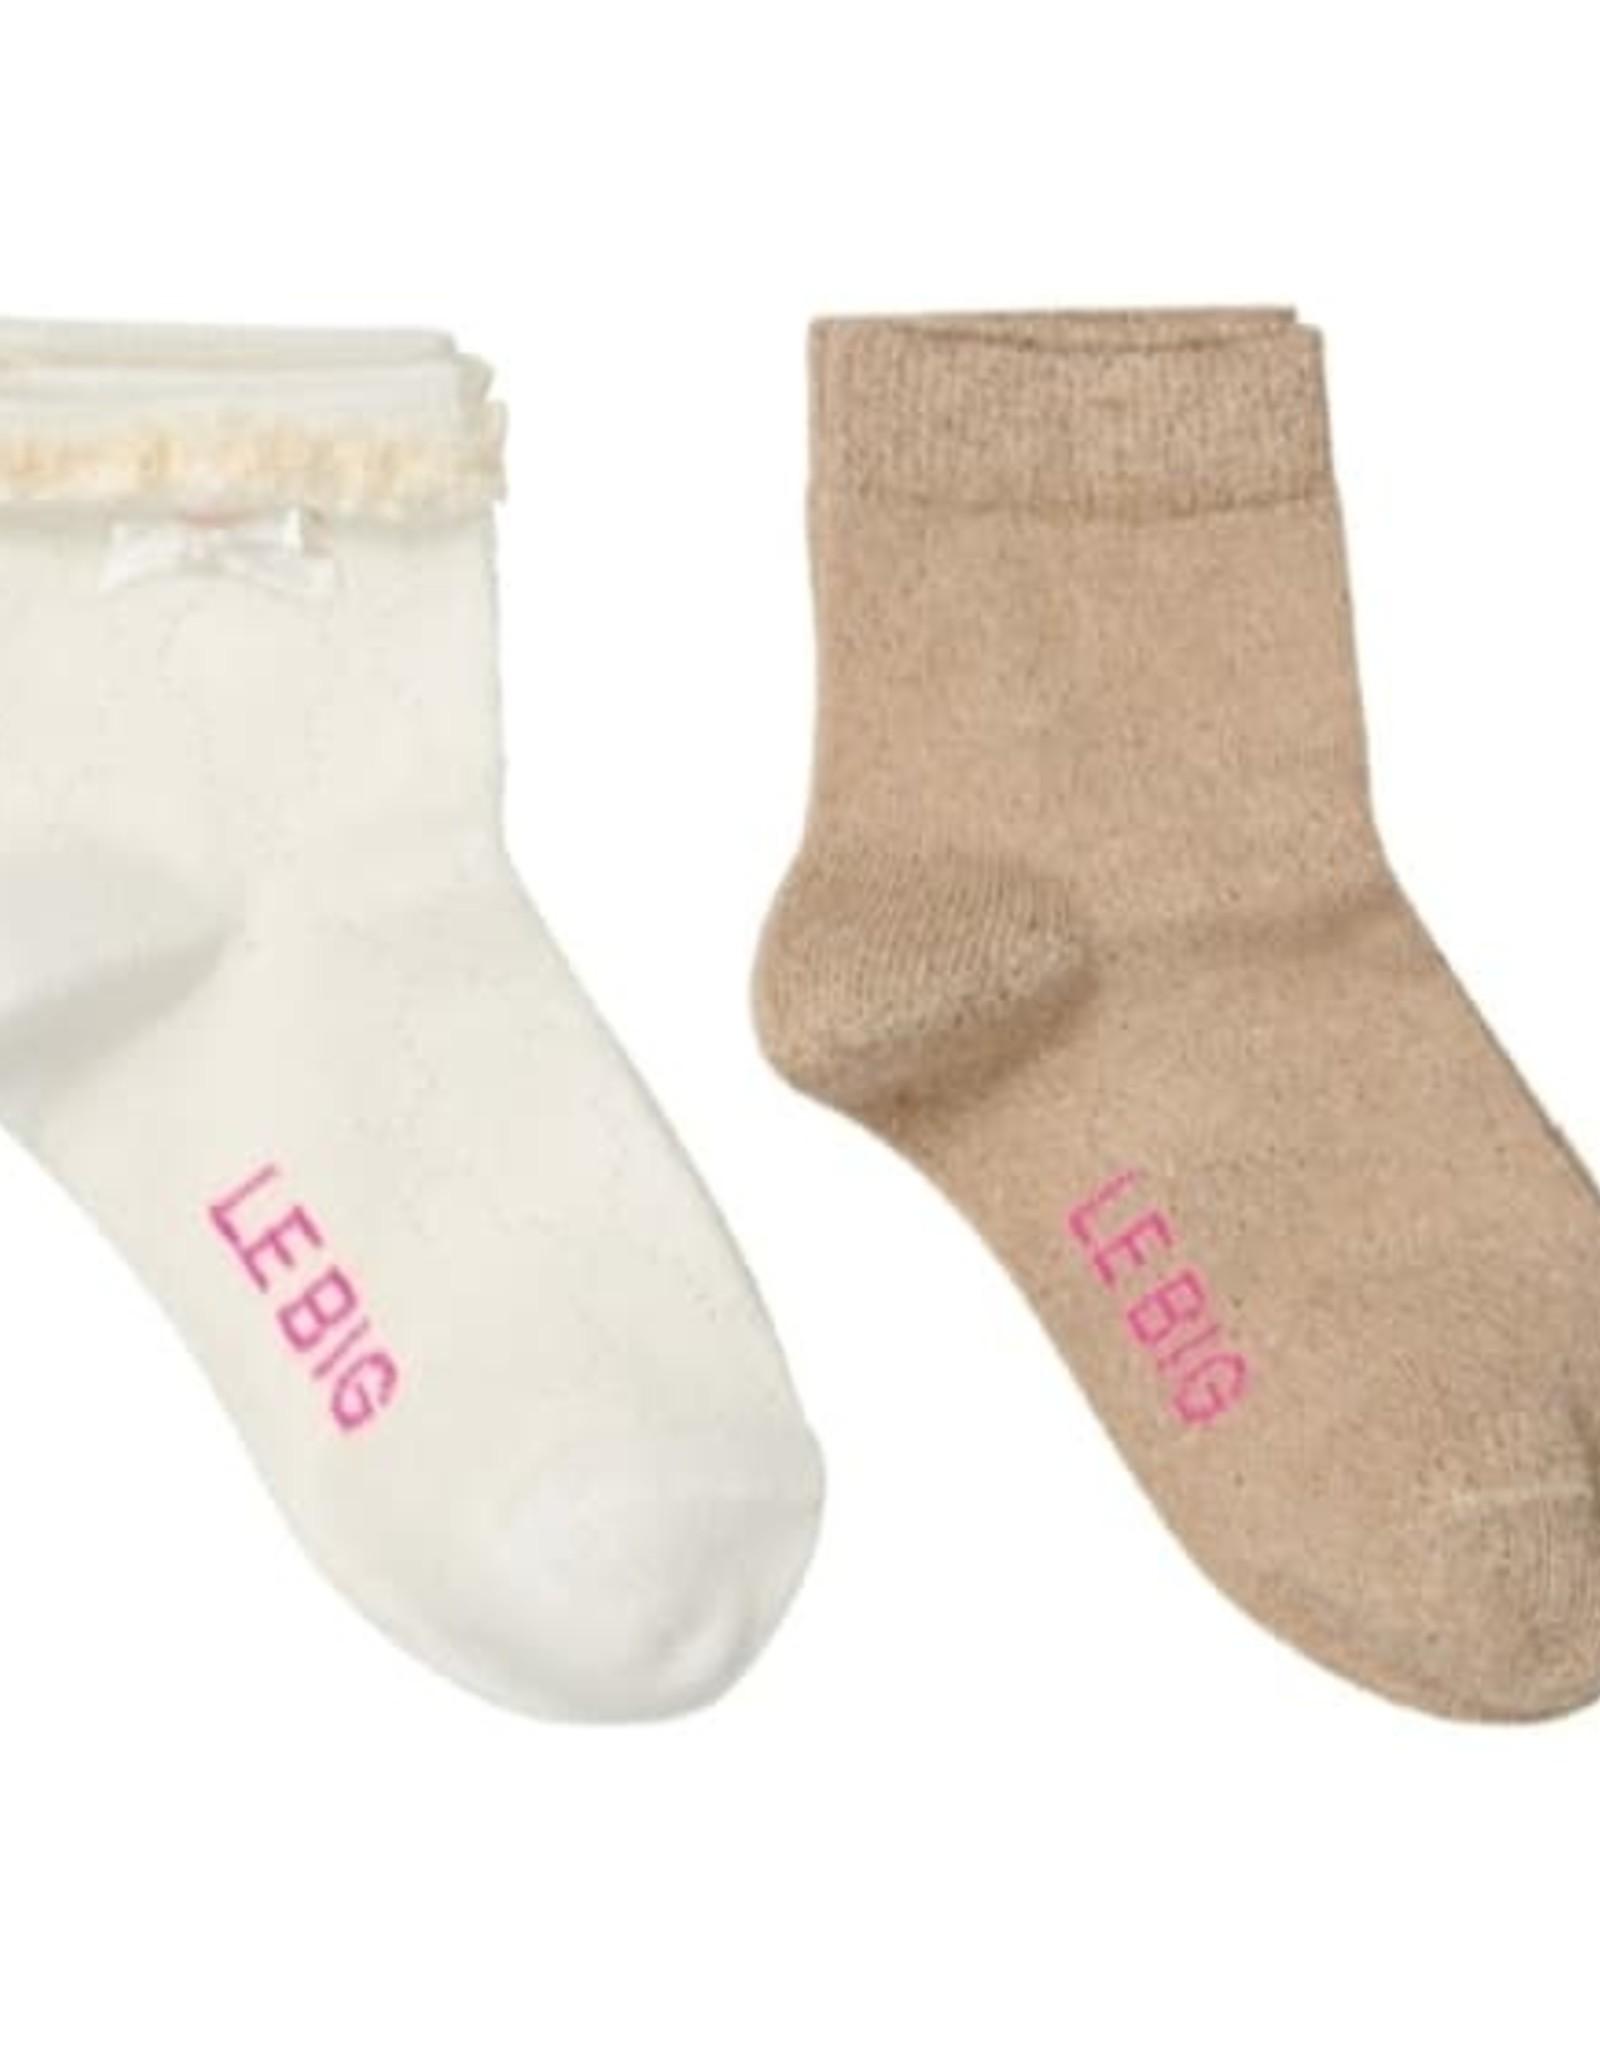 Le Big Le Big Roberta sock 2-pack